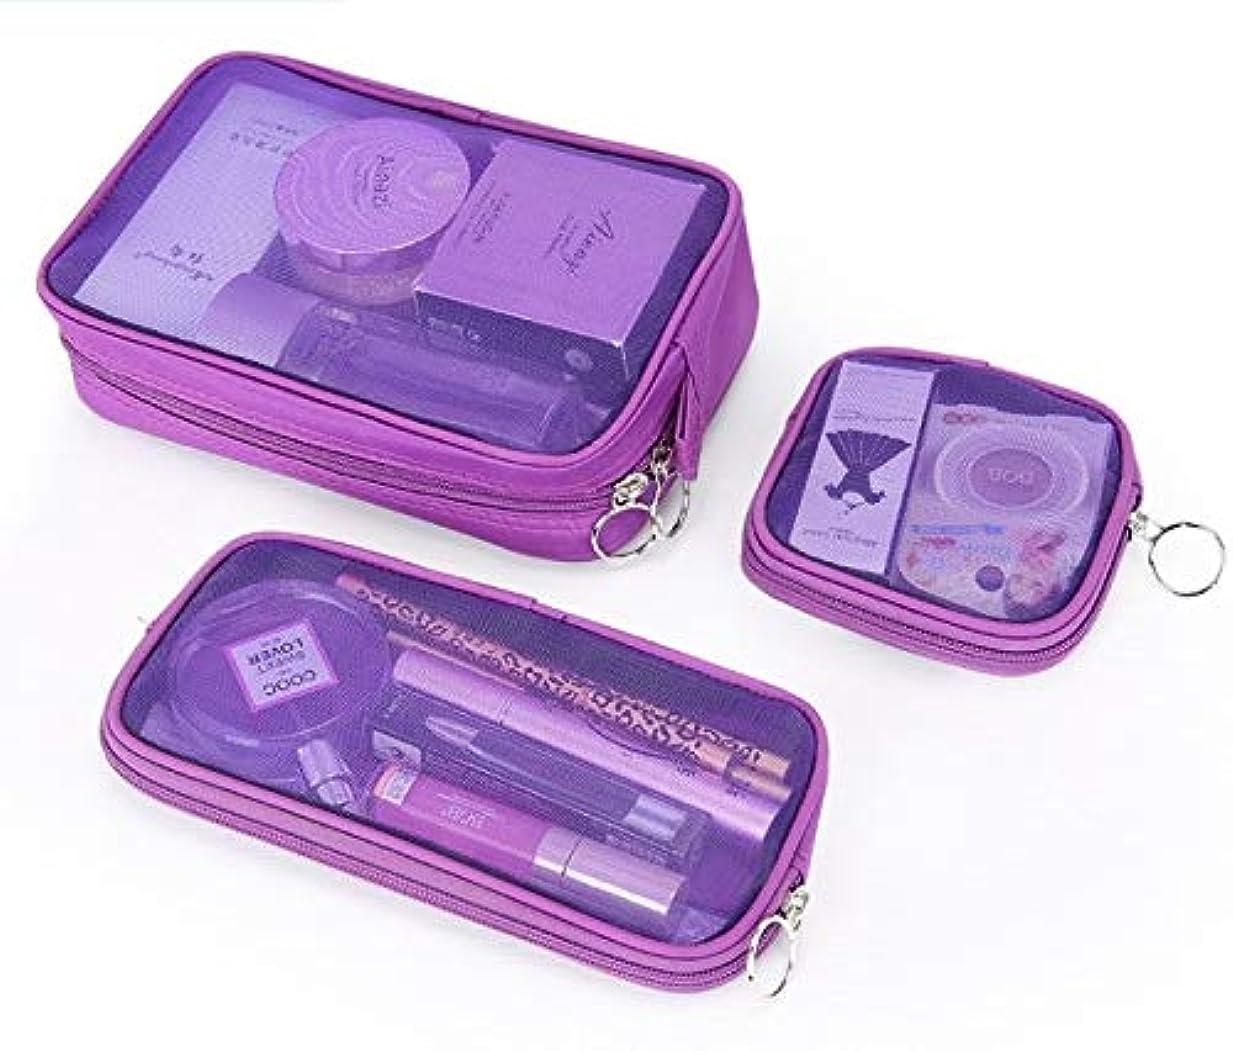 ばかげている落ちたハミングバード化粧箱、3の透明メッシュ化粧品袋セット、ポータブル旅行化粧品袋収納袋、美容ネイルジュエリー収納ボックス (Color : Purple)